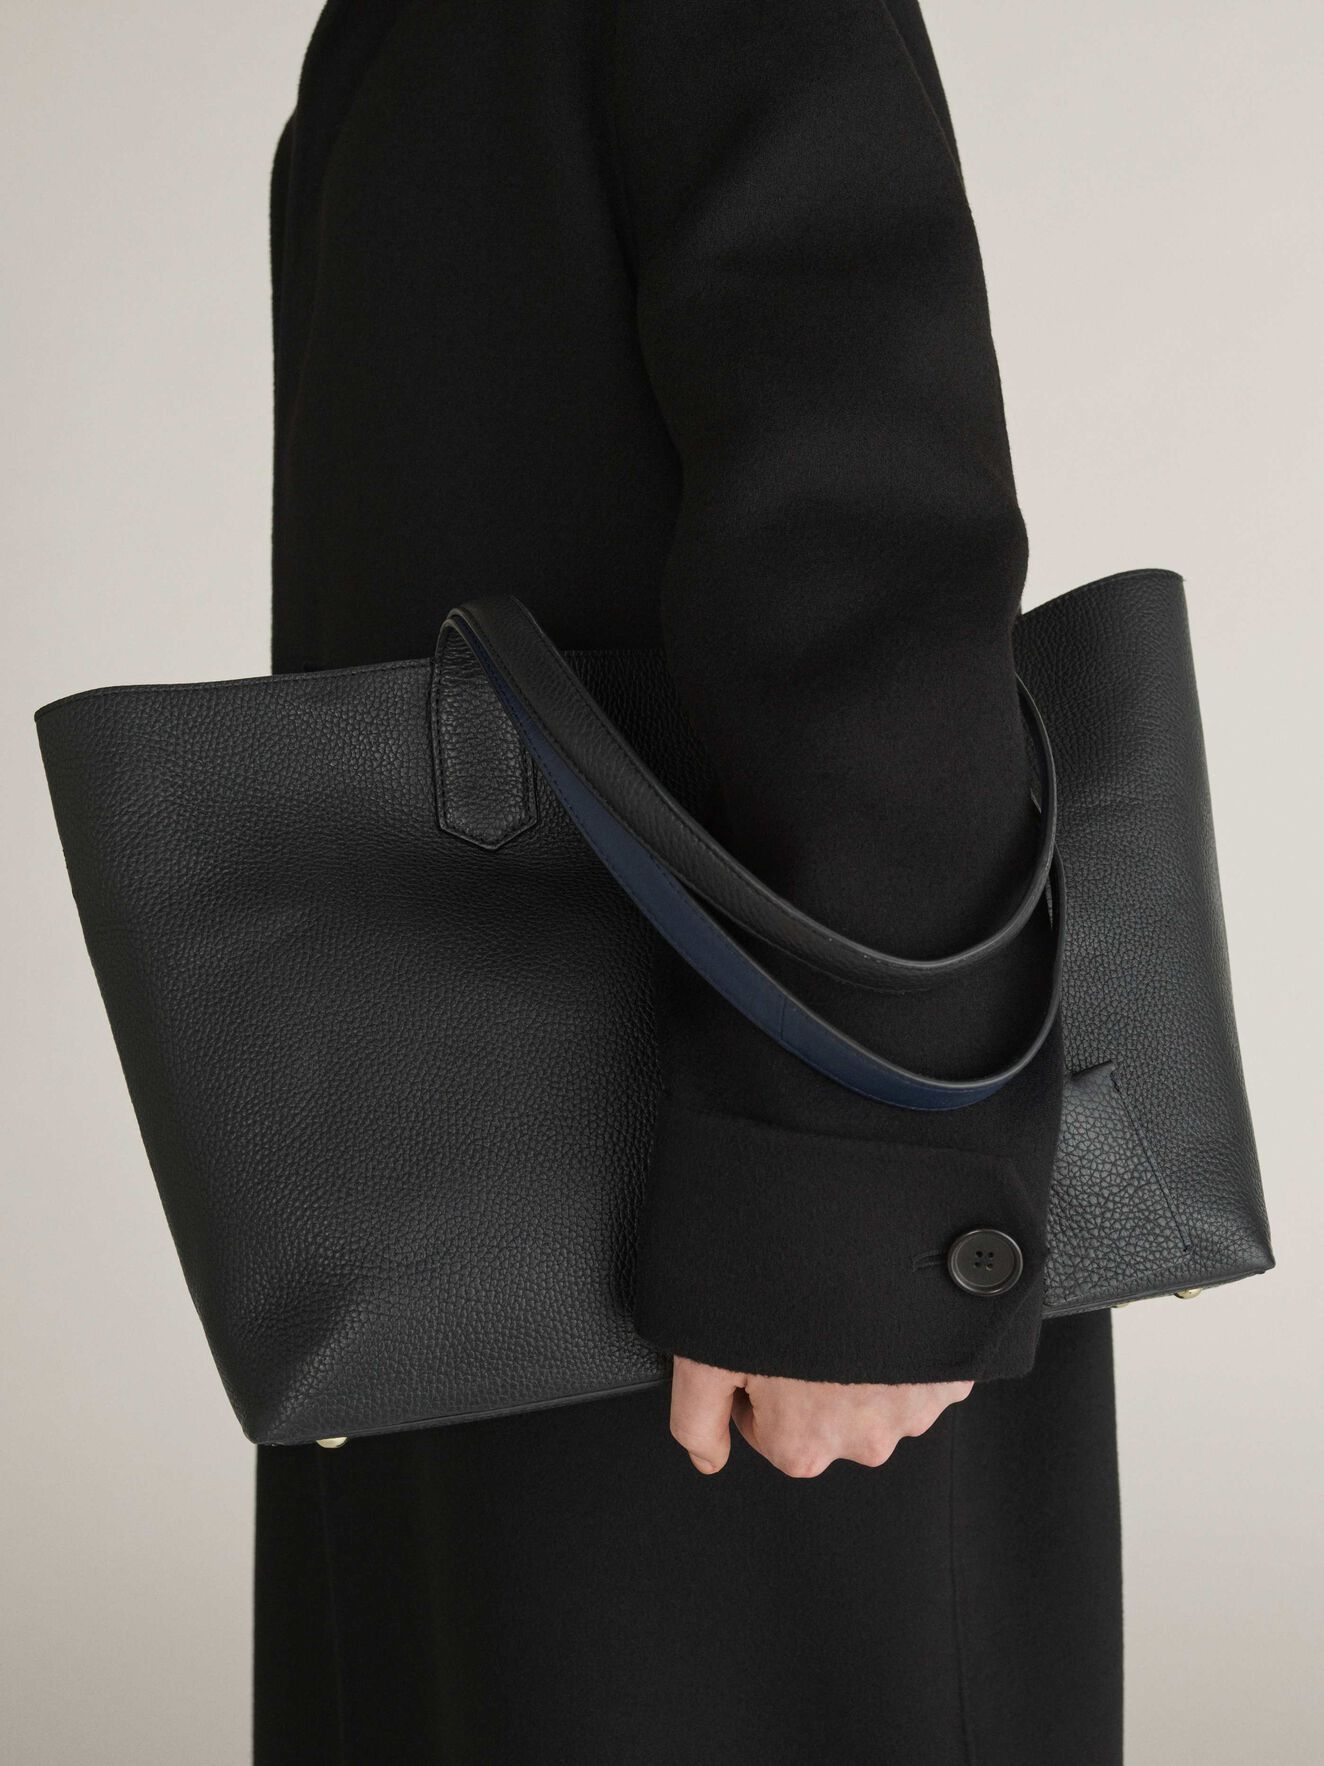 Ornis Shopper Bag in Black from Tiger of Sweden